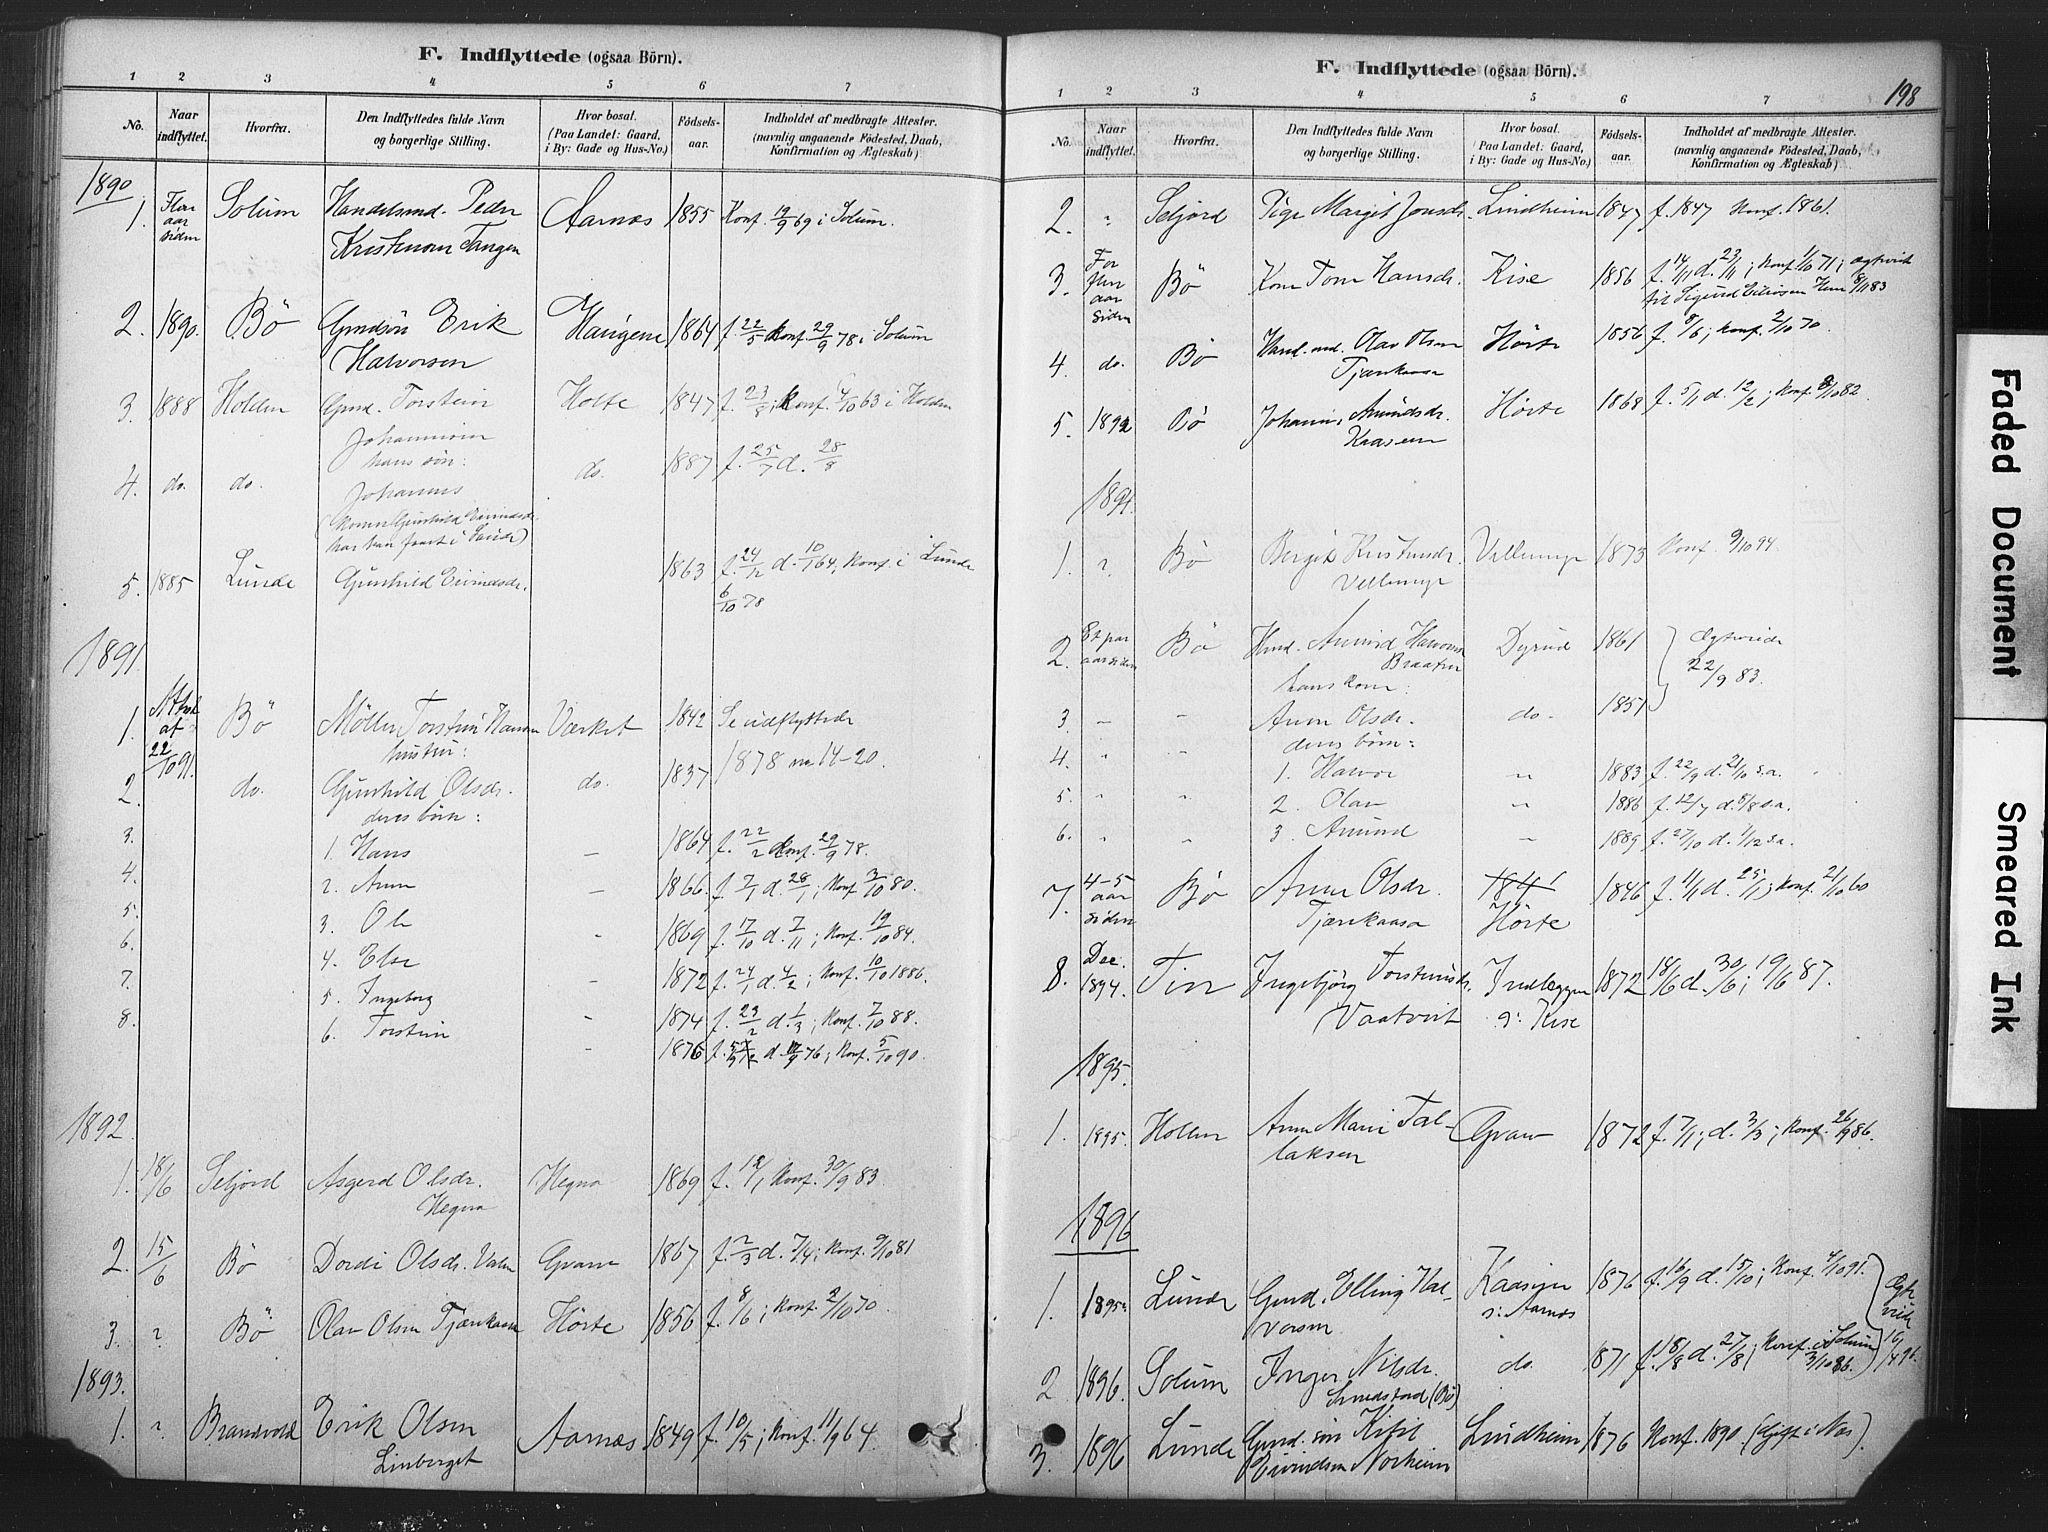 SAKO, Sauherad kirkebøker, F/Fb/L0002: Ministerialbok nr. II 2, 1878-1901, s. 198